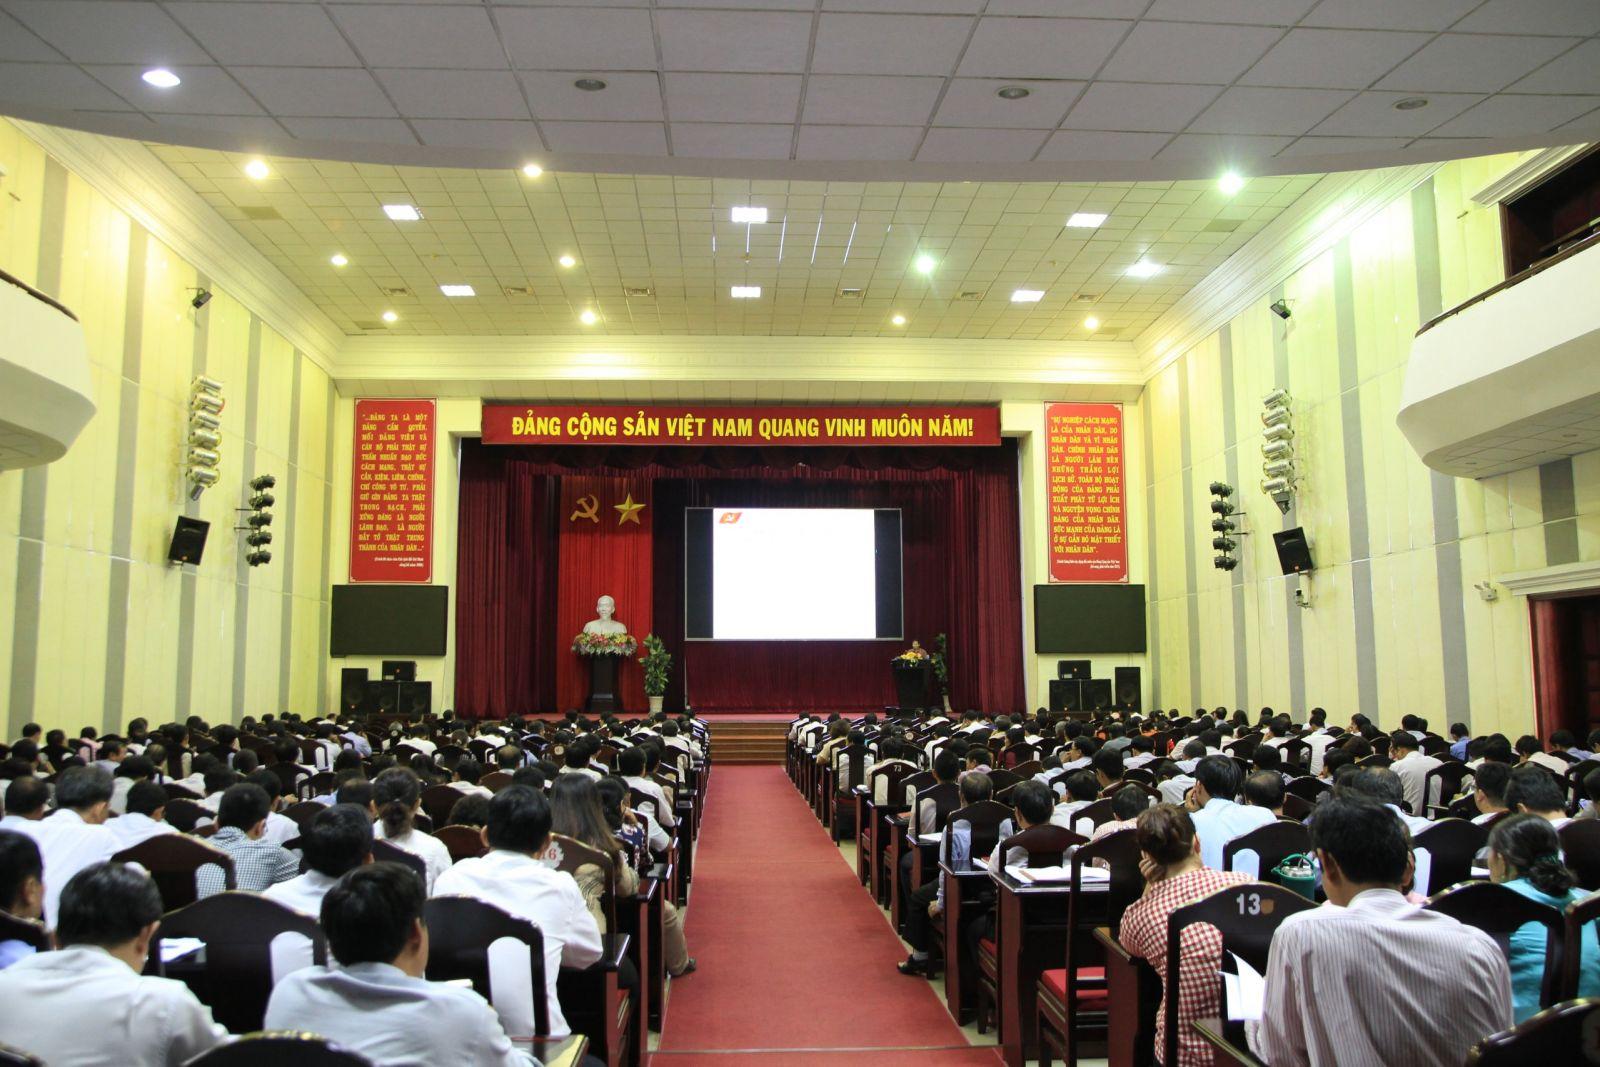 Hình Đảng ủy Khối tổ chức Hội nghị tập huấn nghiệp vụ công tác xây dựng Đảng năm 2019